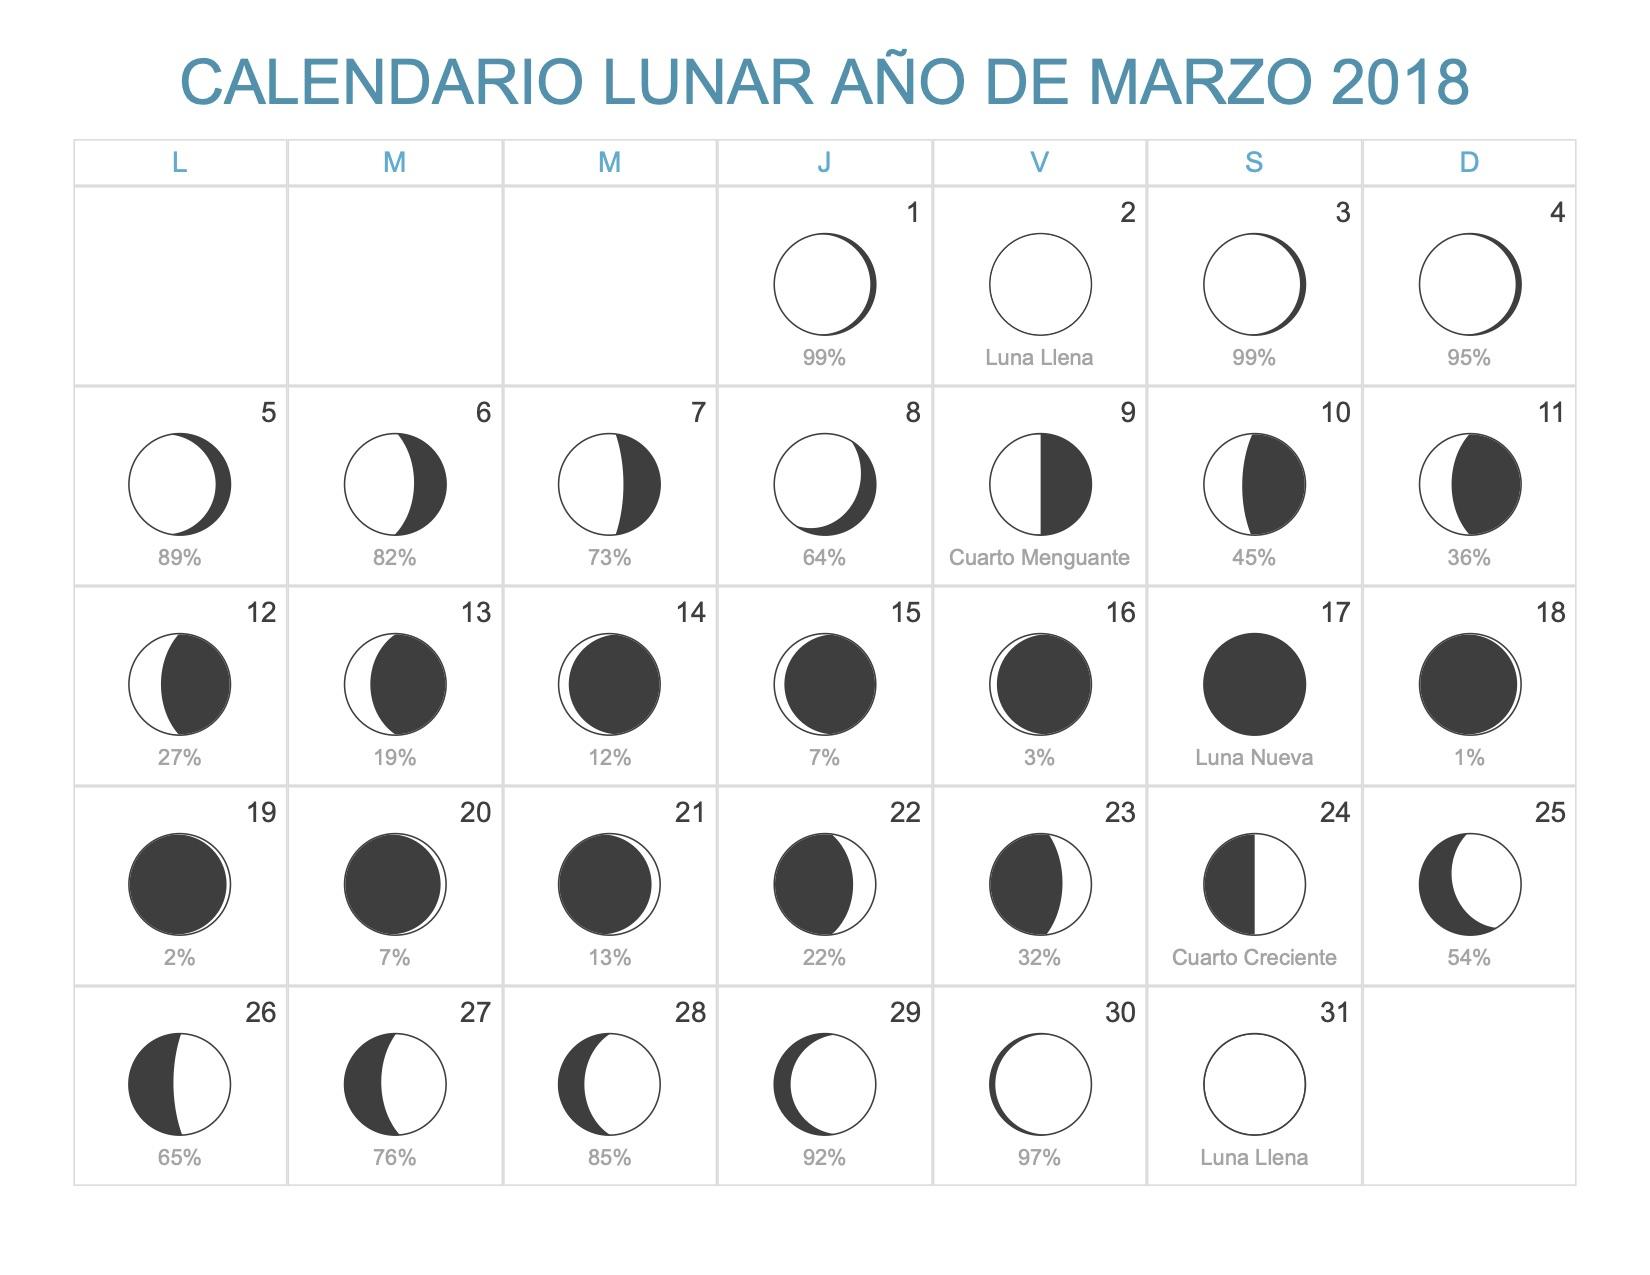 Calendario Lunar Marzo 2018